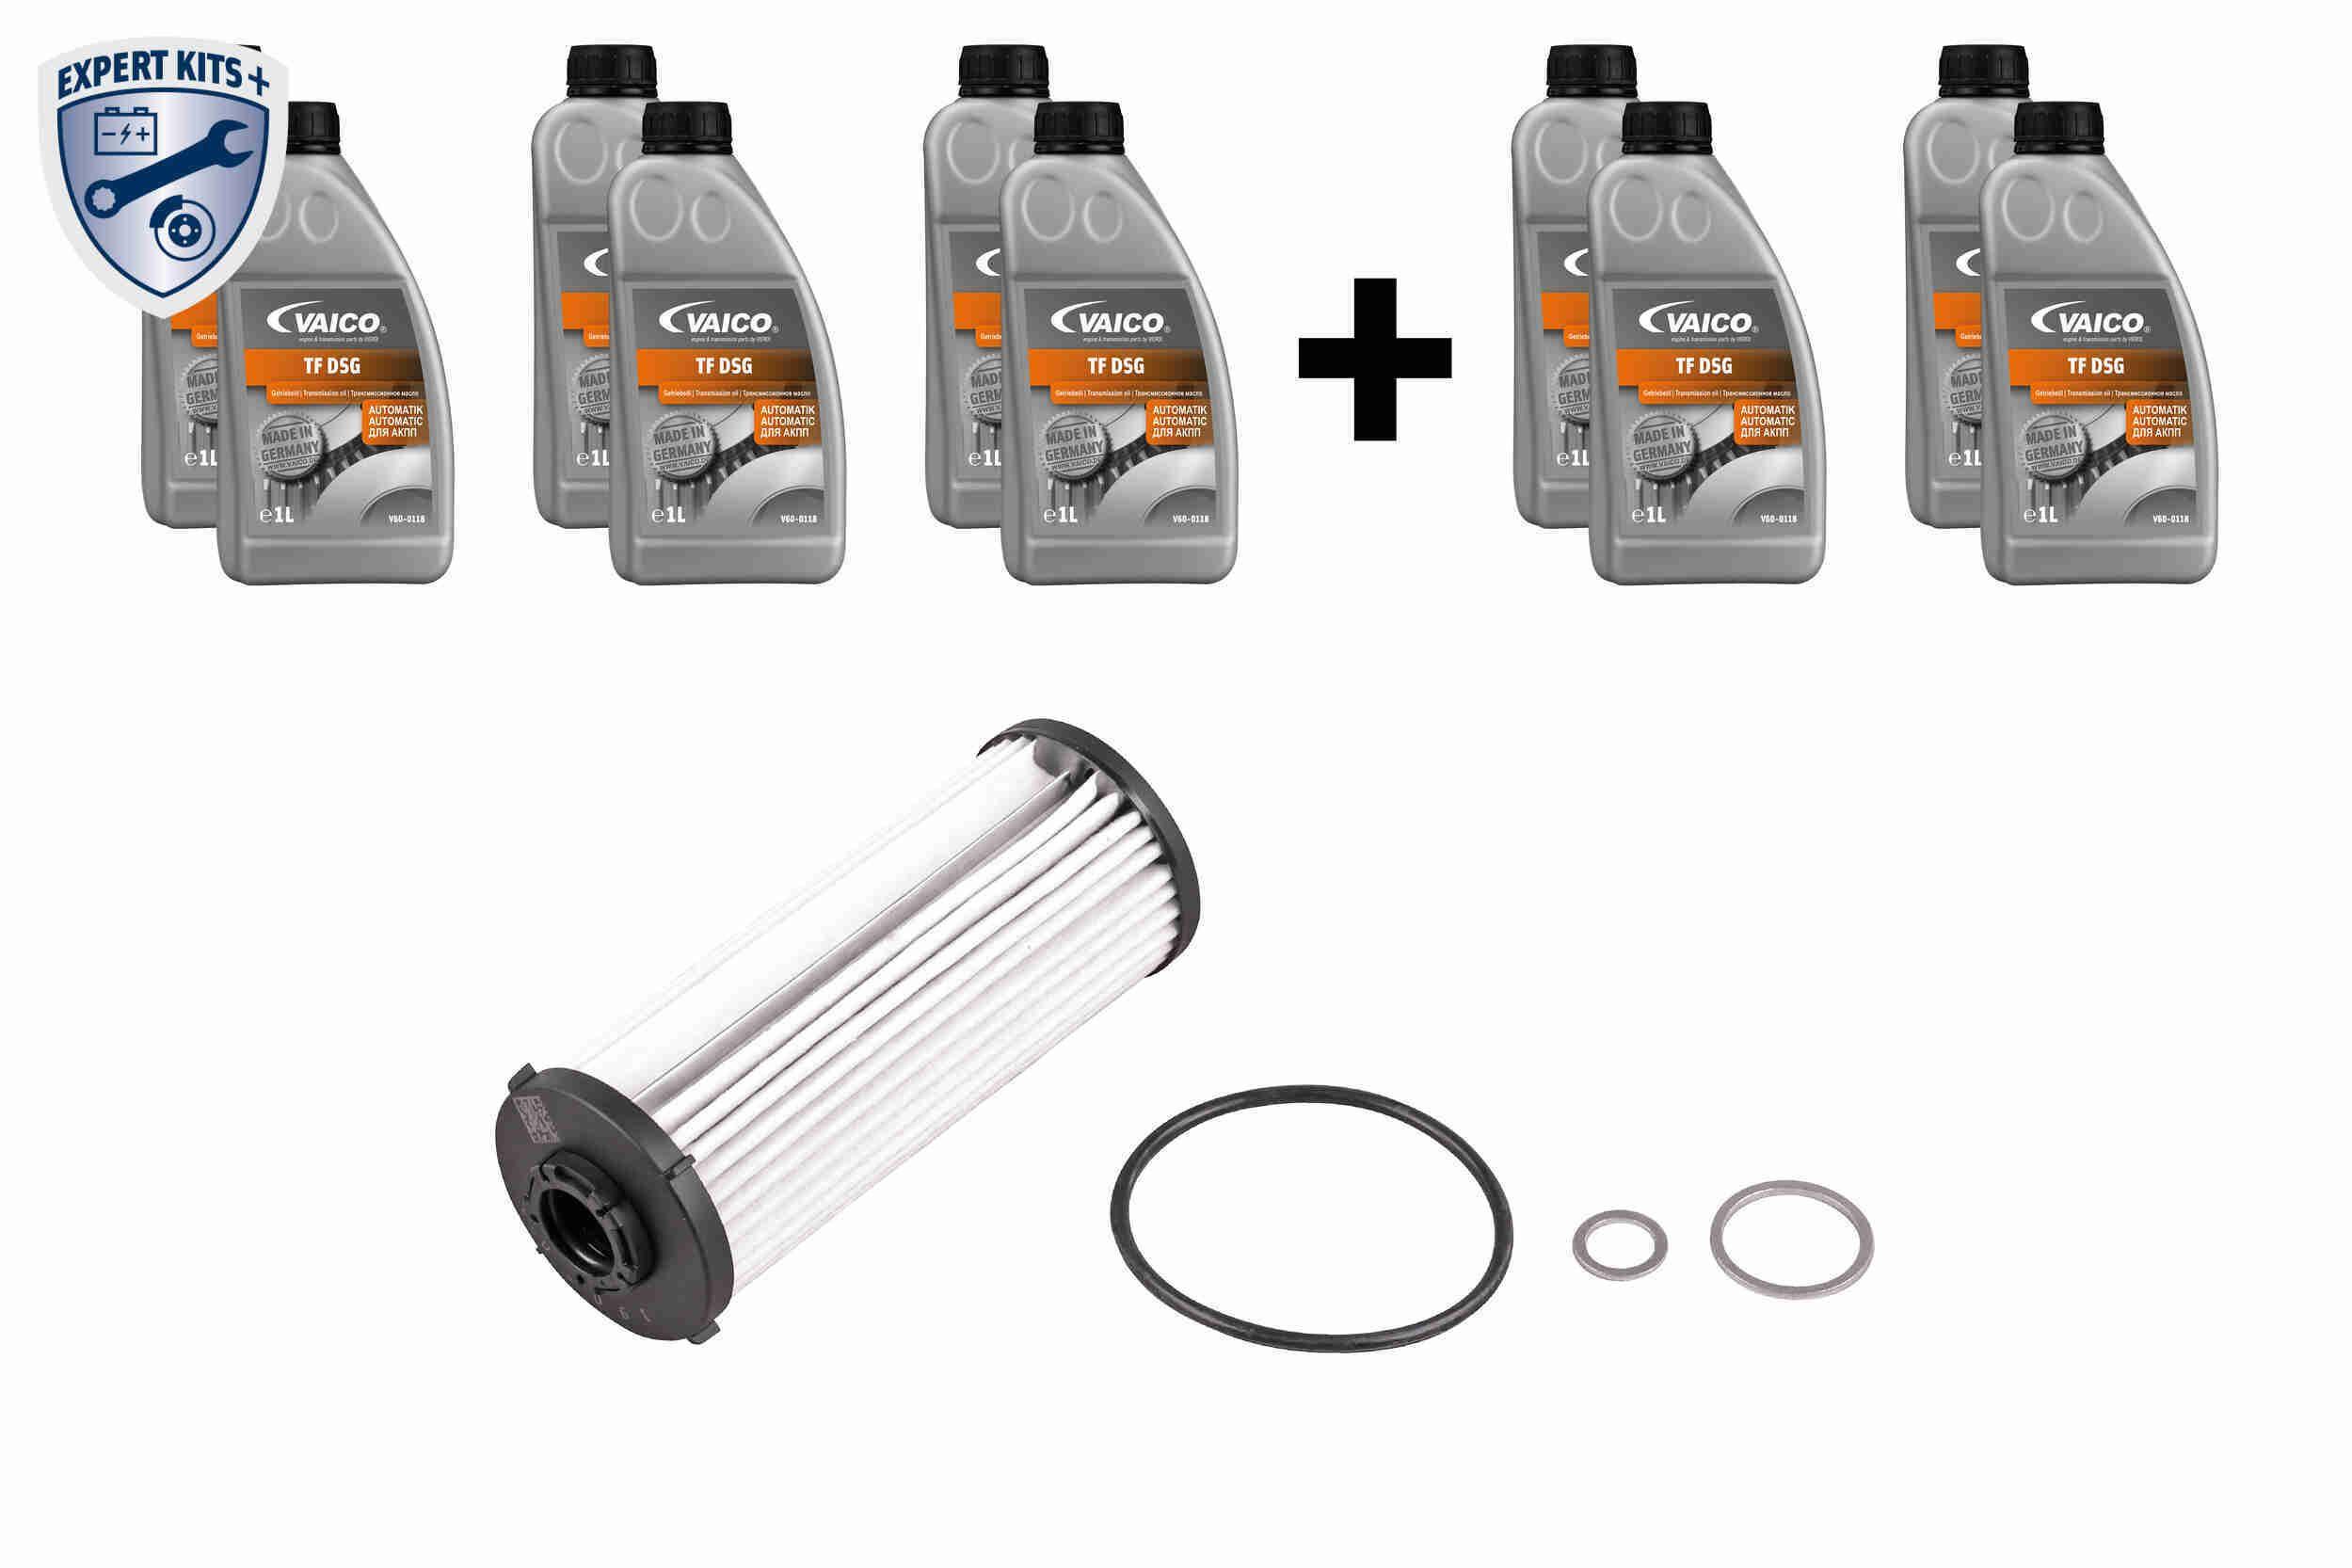 0BH325183B VAICO mit Dichtung, mit Dichtring, mit Ölmenge für Ölspülung, EXPERT KITS + Teilesatz, Ölwechsel-Automatikgetriebe V10-3223-XXL günstig kaufen